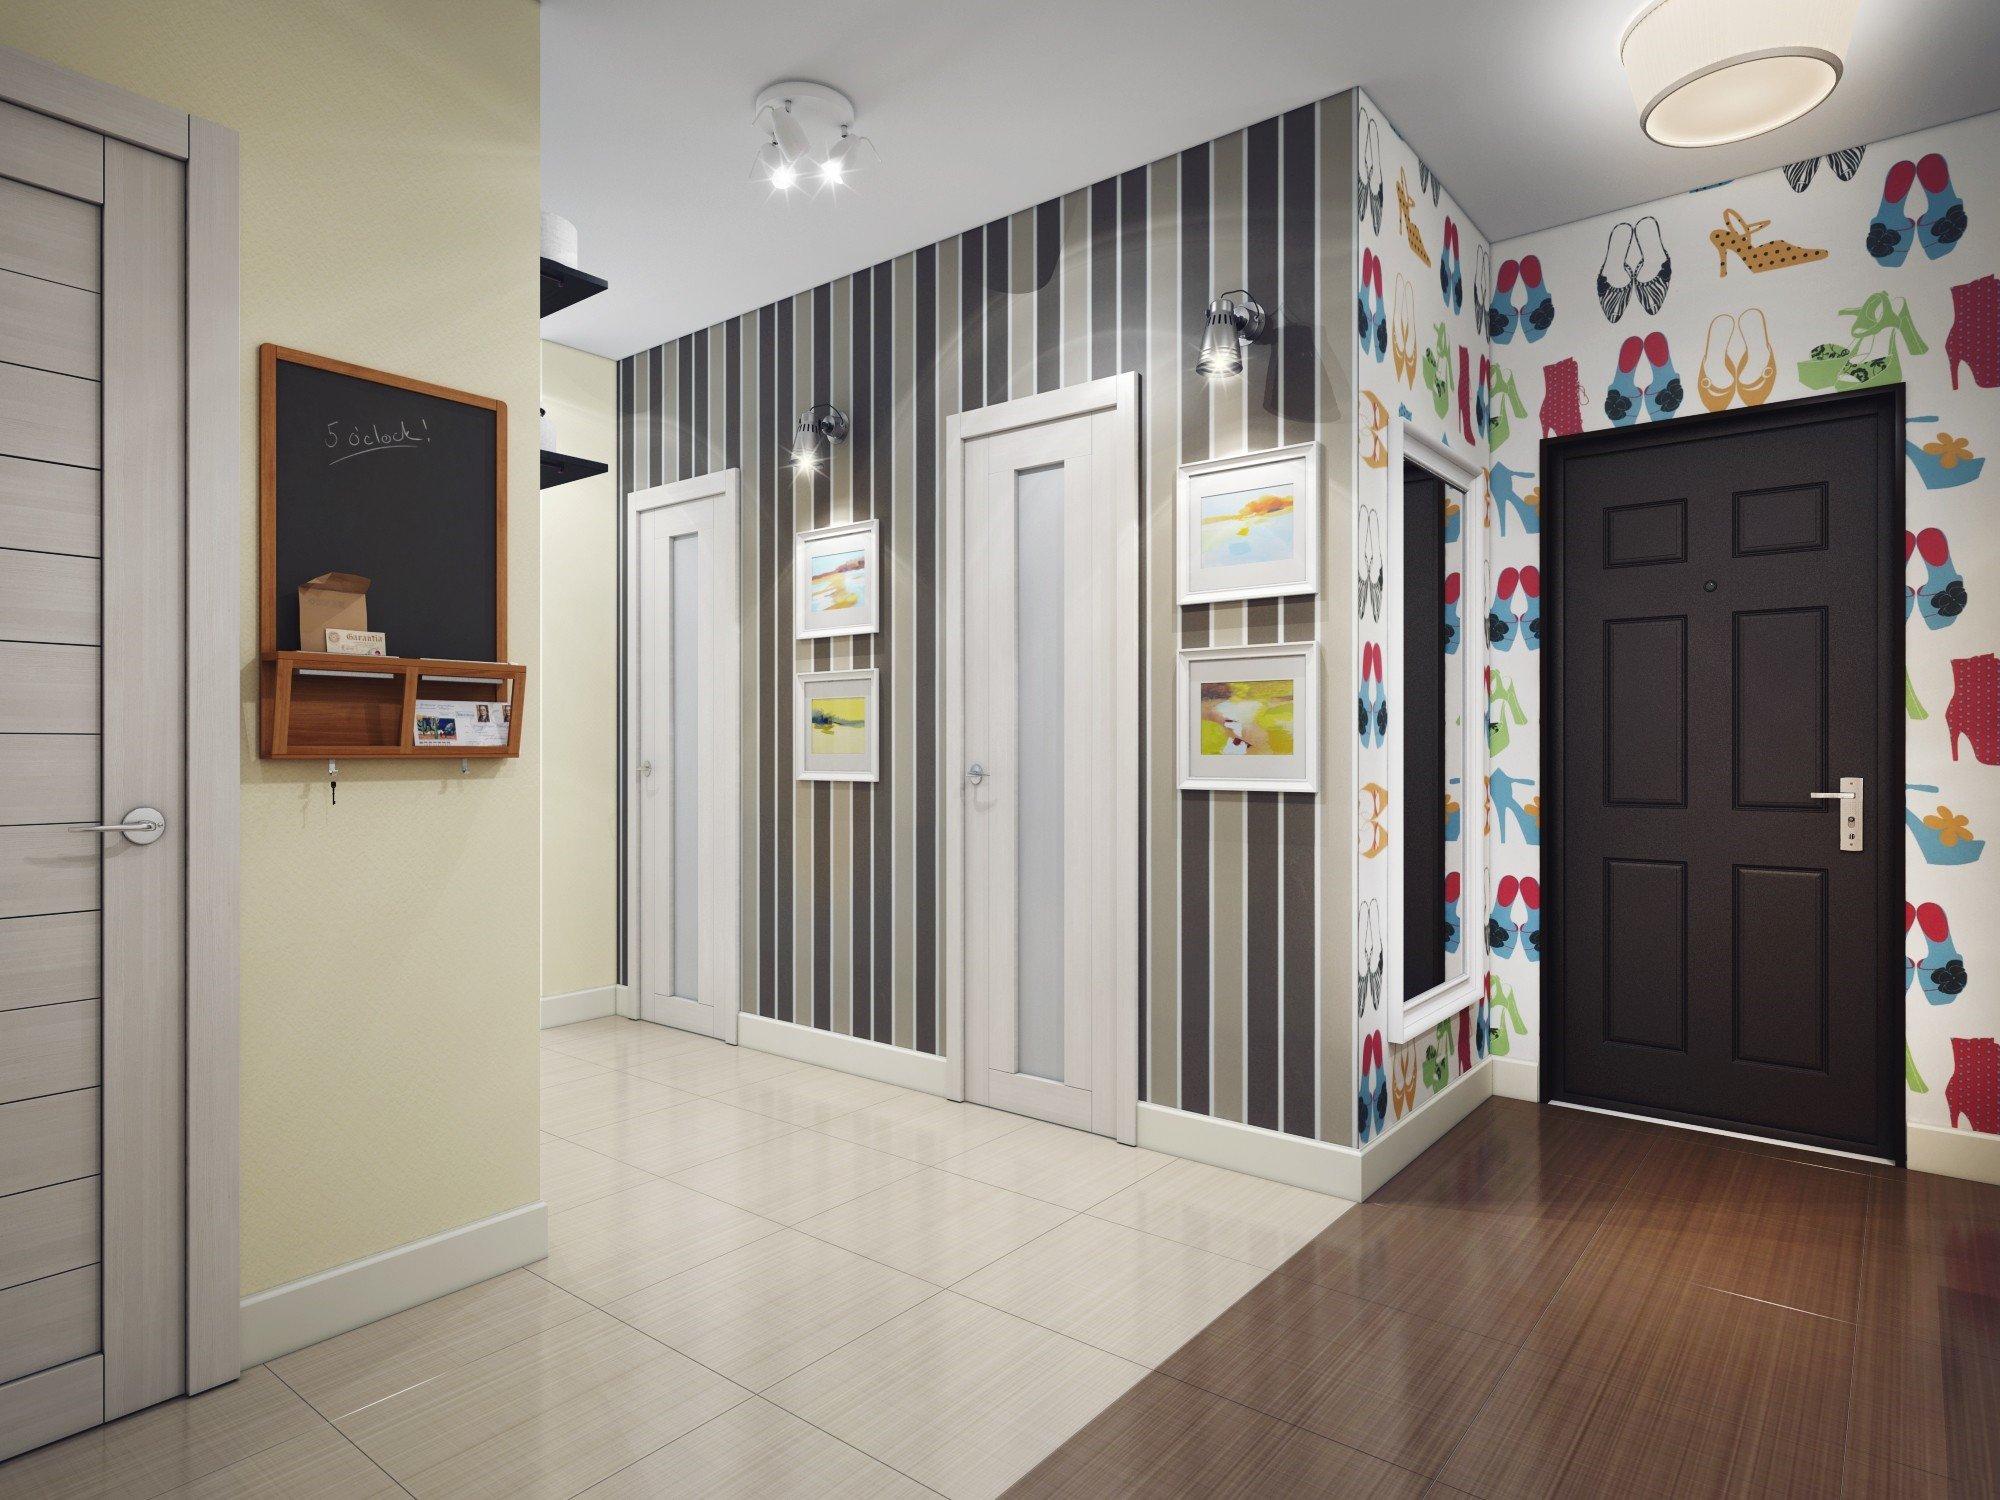 Вертикальные полосы на обоях в коридоре